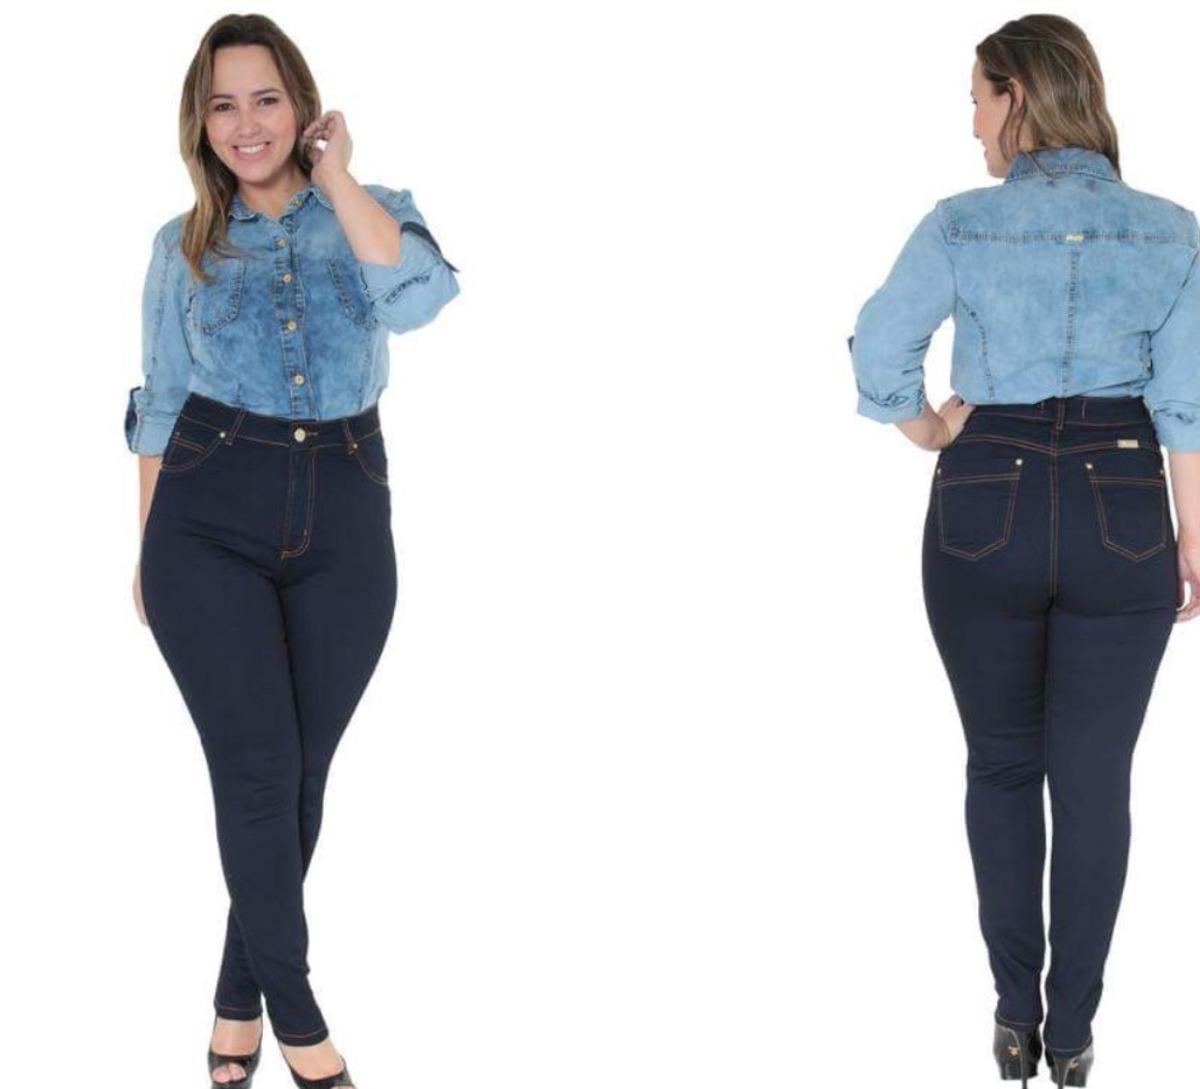 382c7e260 calça jeans plus size feminina tamanho grande com lycra. Carregando zoom.